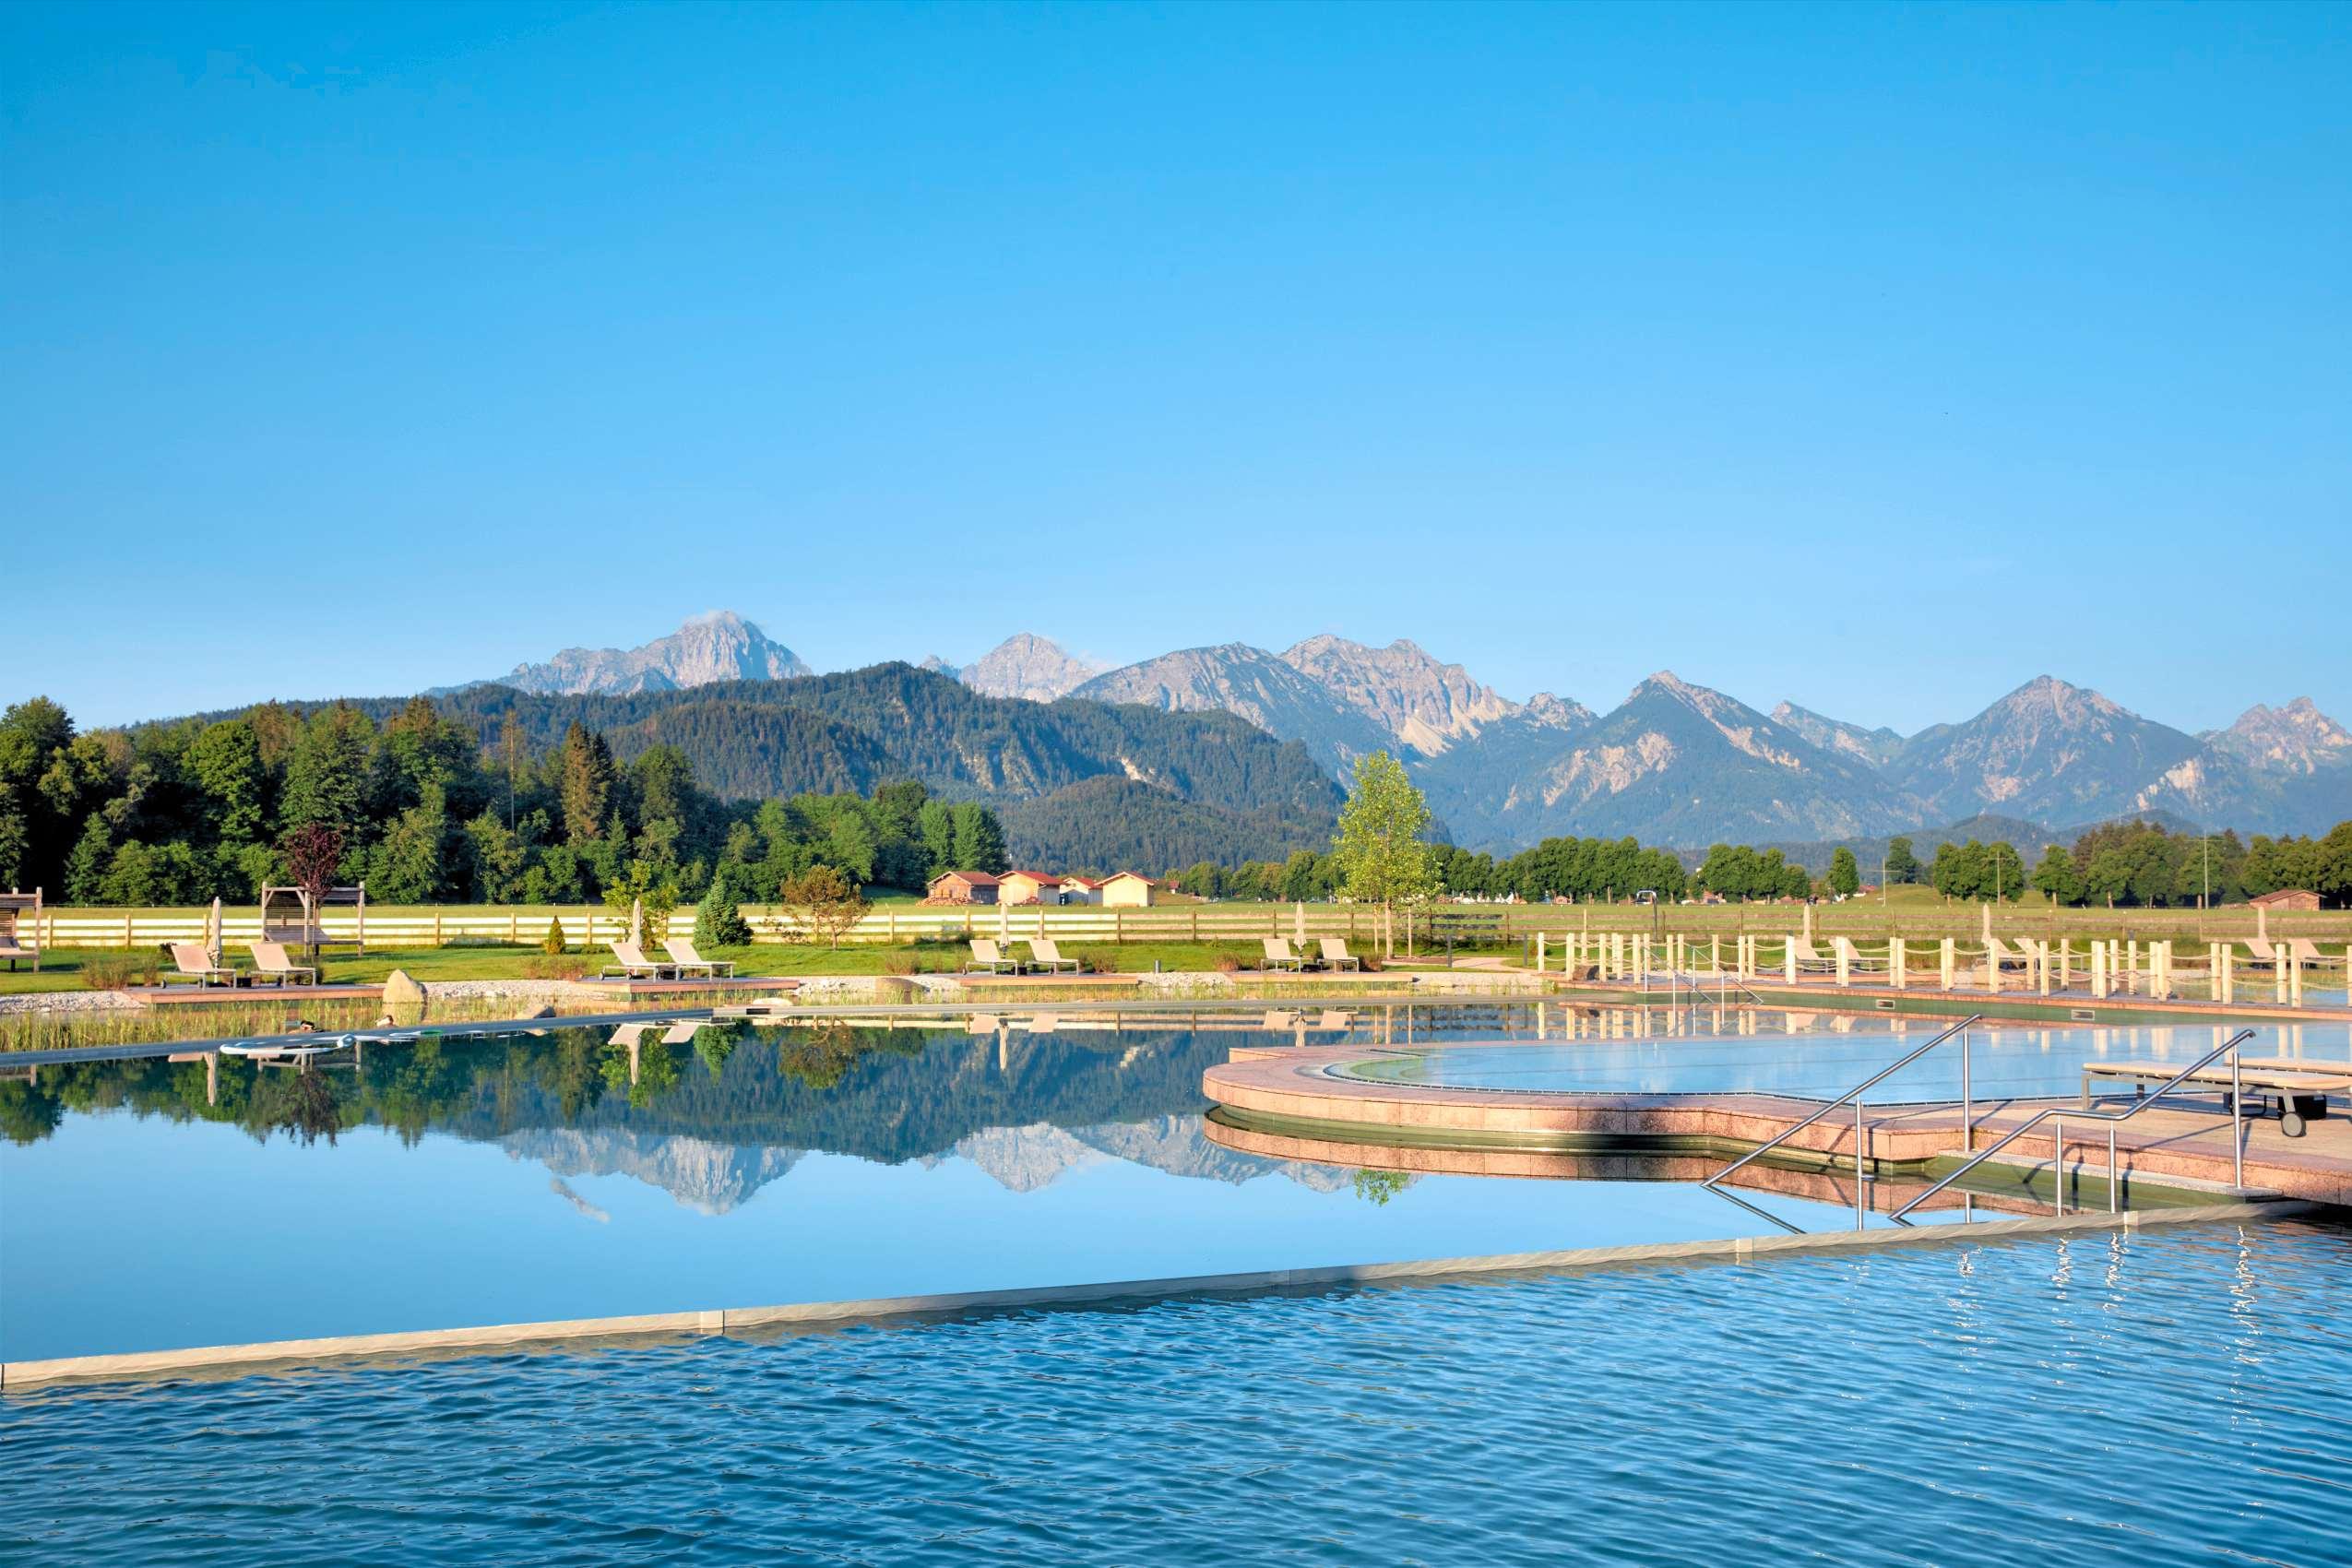 Das Bergpanorama von der Pool-Landschaft des König Ludwig Resort & Spa.